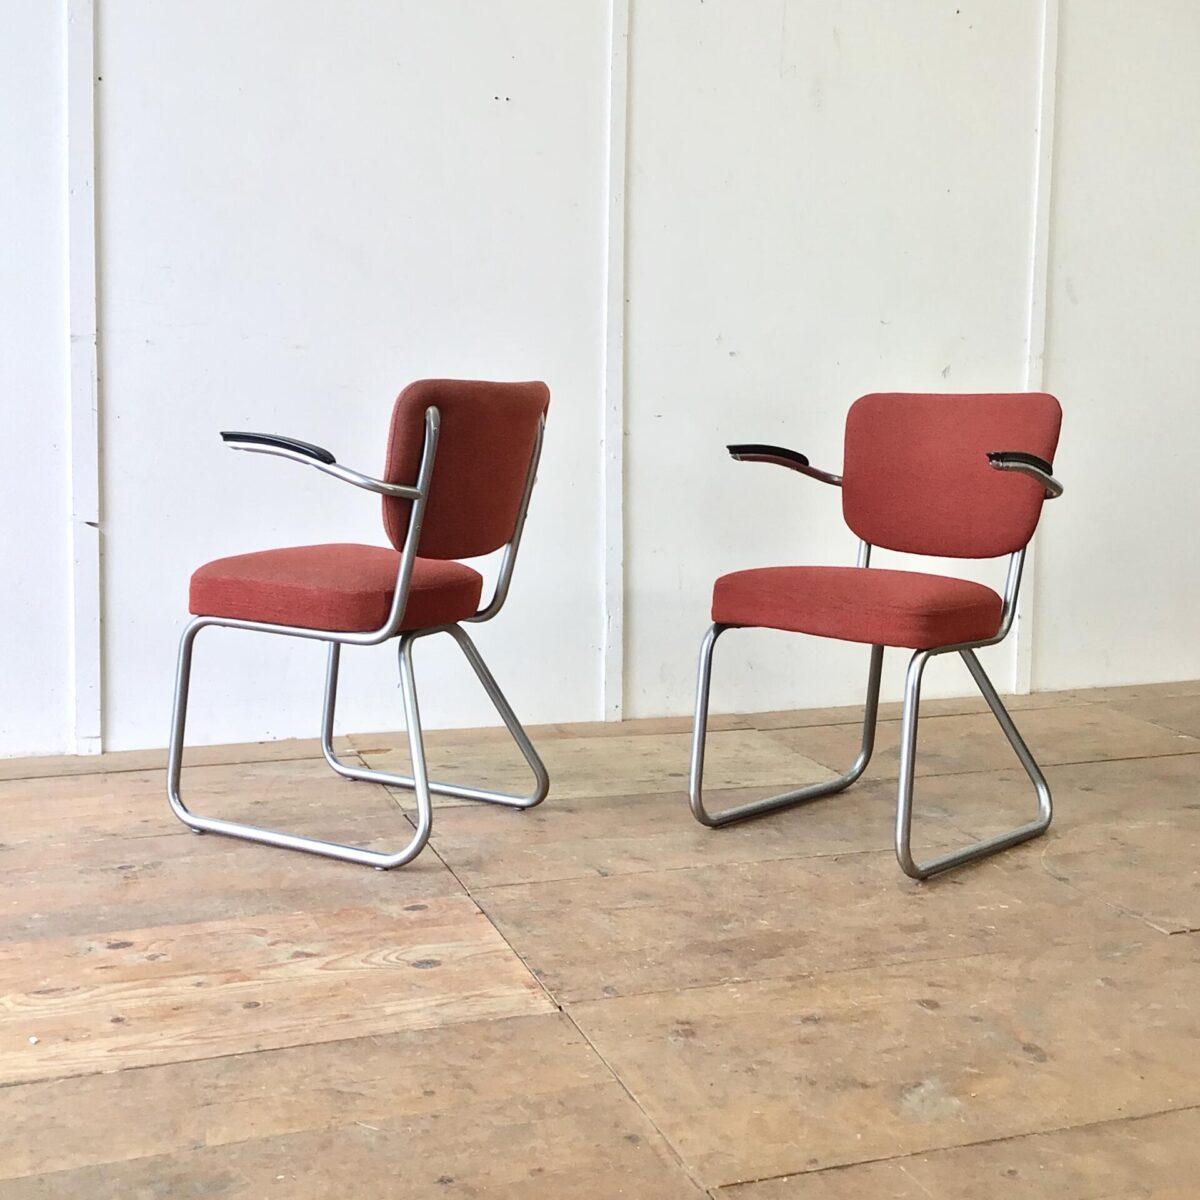 Deuxieme.shop Bauhaus Sessel. Zwei schöne Stühle von Jan Schröfer für Ahrend de Cirkel. Sitzhöhe ca. 47cm. Bequeme Armlehnstühle im Stile der Bauhaus Stahlrohrmöbel. Passend im Wohnzimmer, als Bürostuhl oder auch am Esstisch. In Gepflegtem gebrauchtem Vintage Zustand.